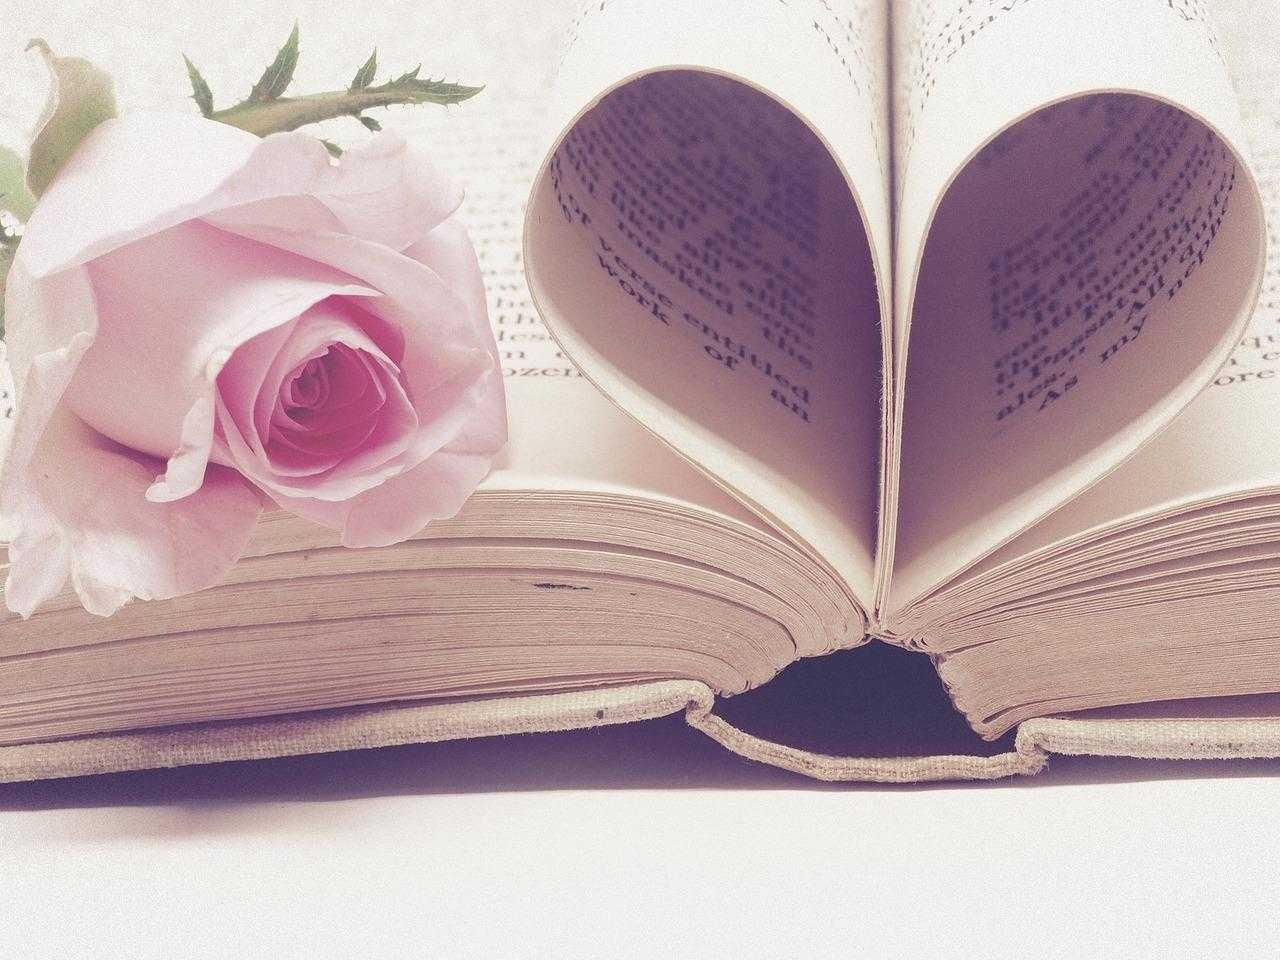 Frases de Amor e Saudade